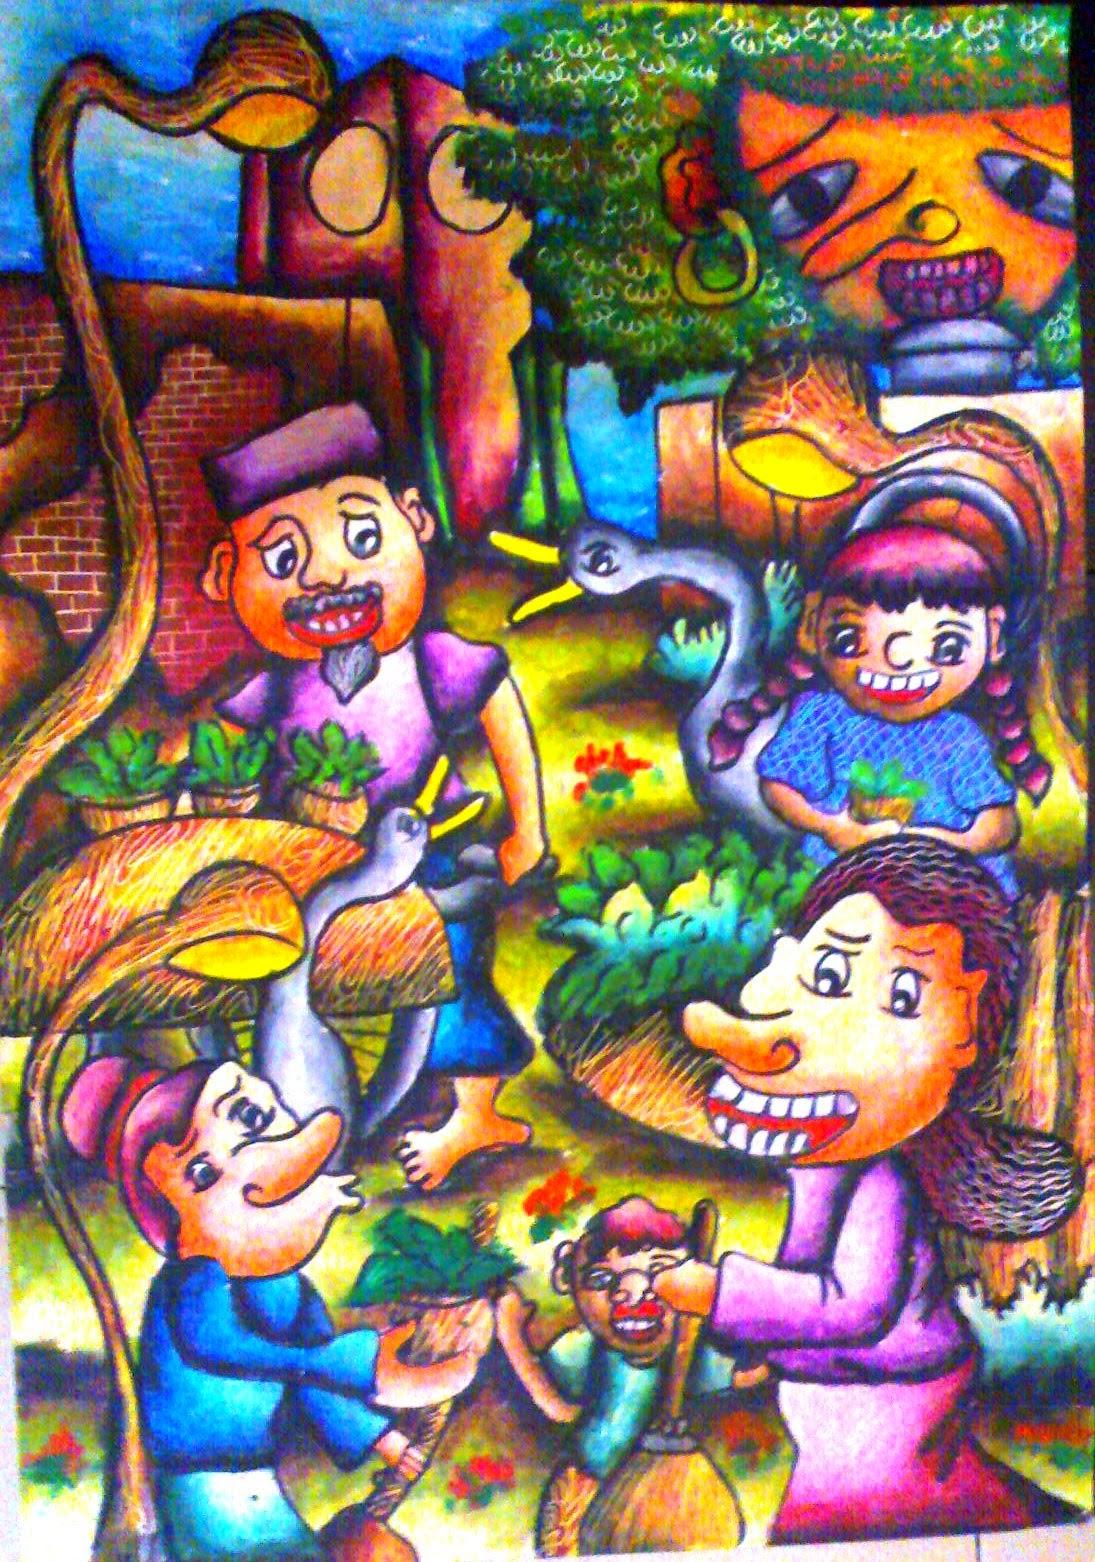 Gambar Kerja Bakti Di Lingkungan Sekolah Kartun Orang Kerja Bakti Kartun